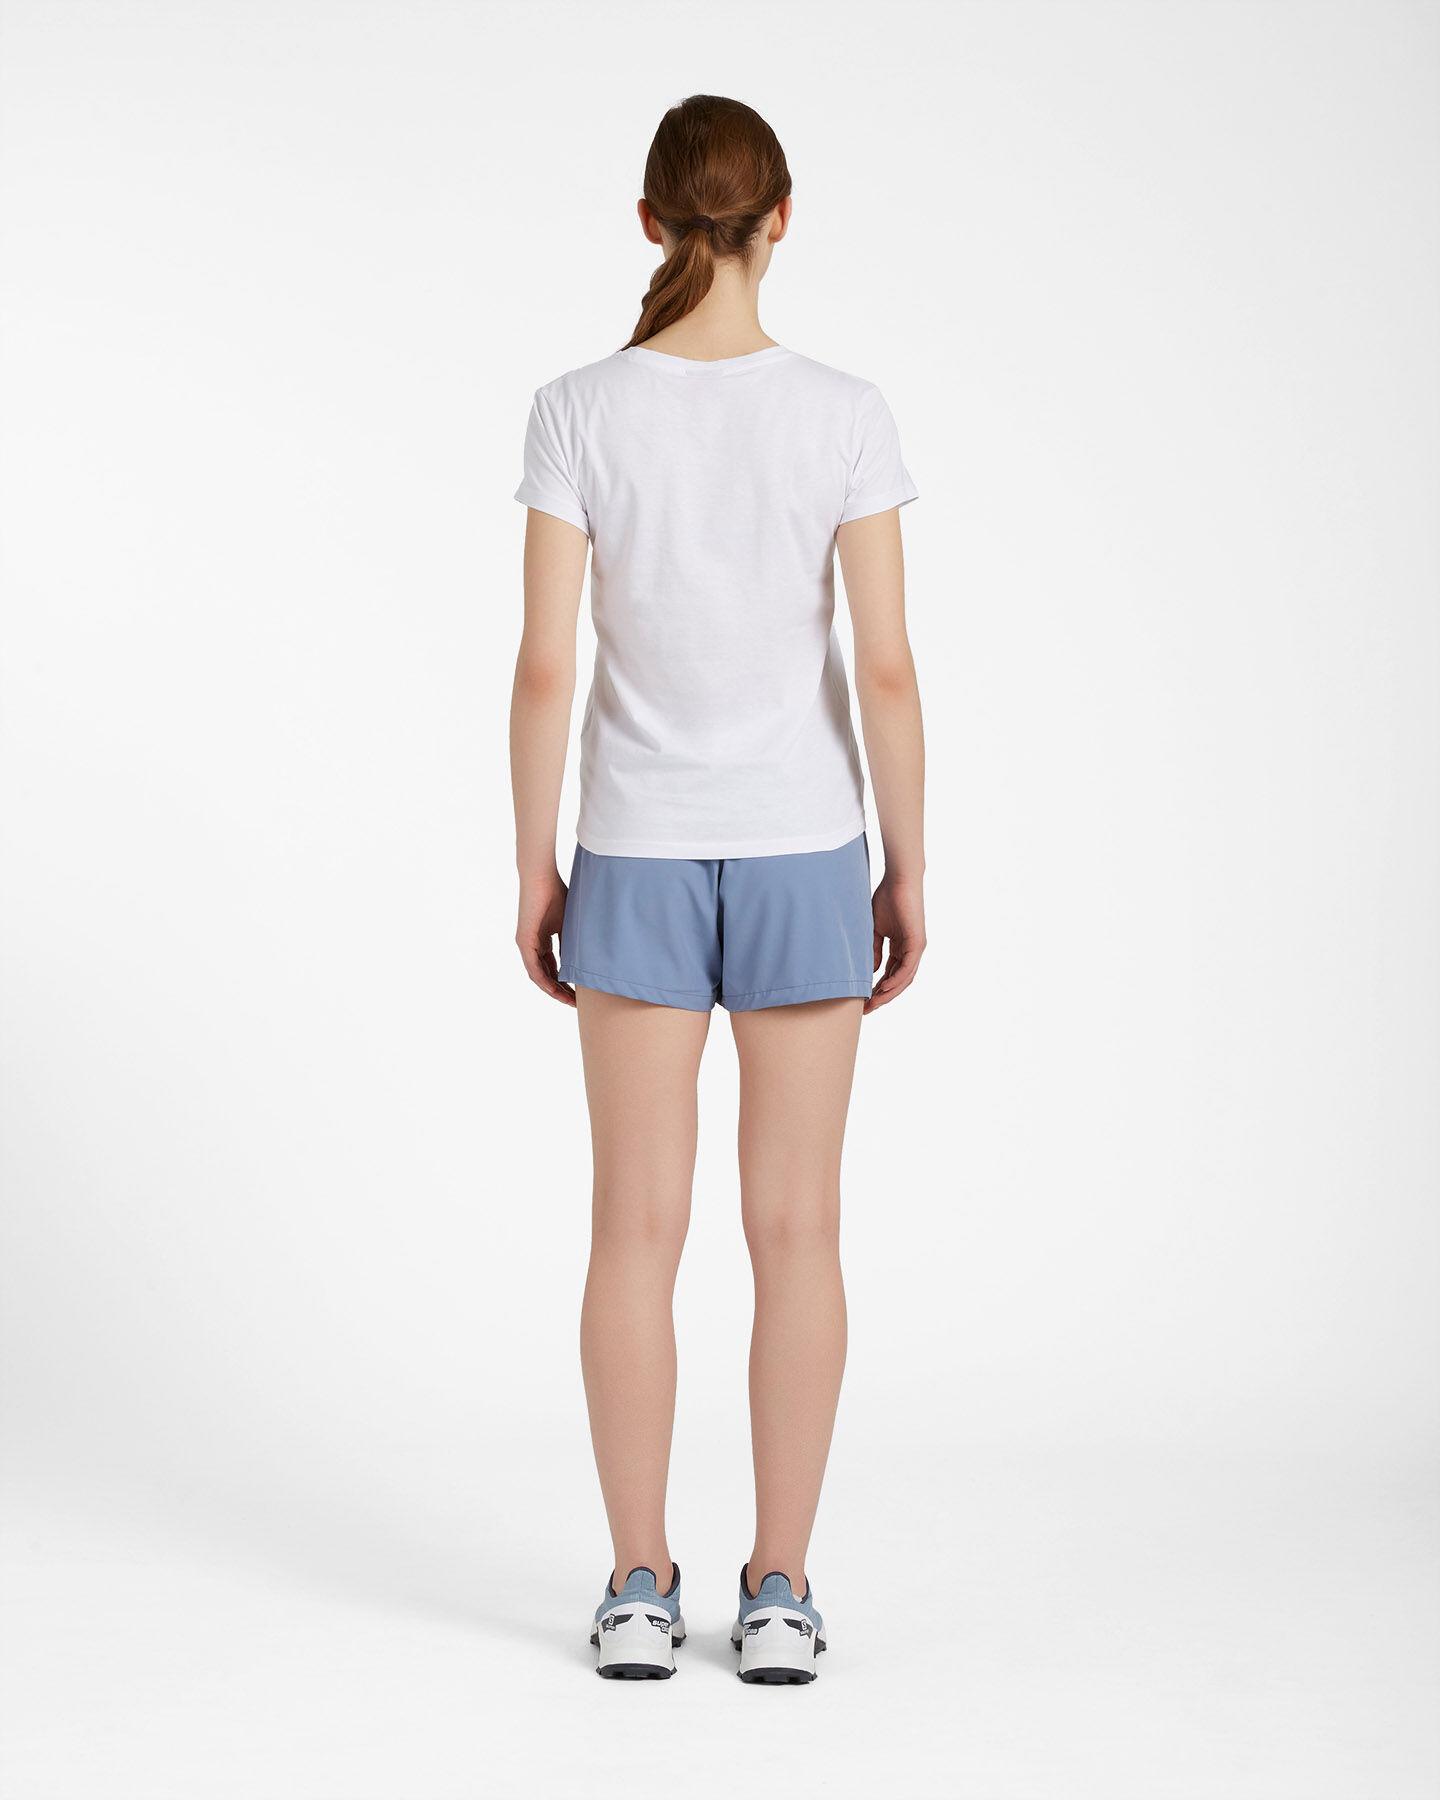 T-Shirt REUSCH LOGO W S4087258 scatto 2